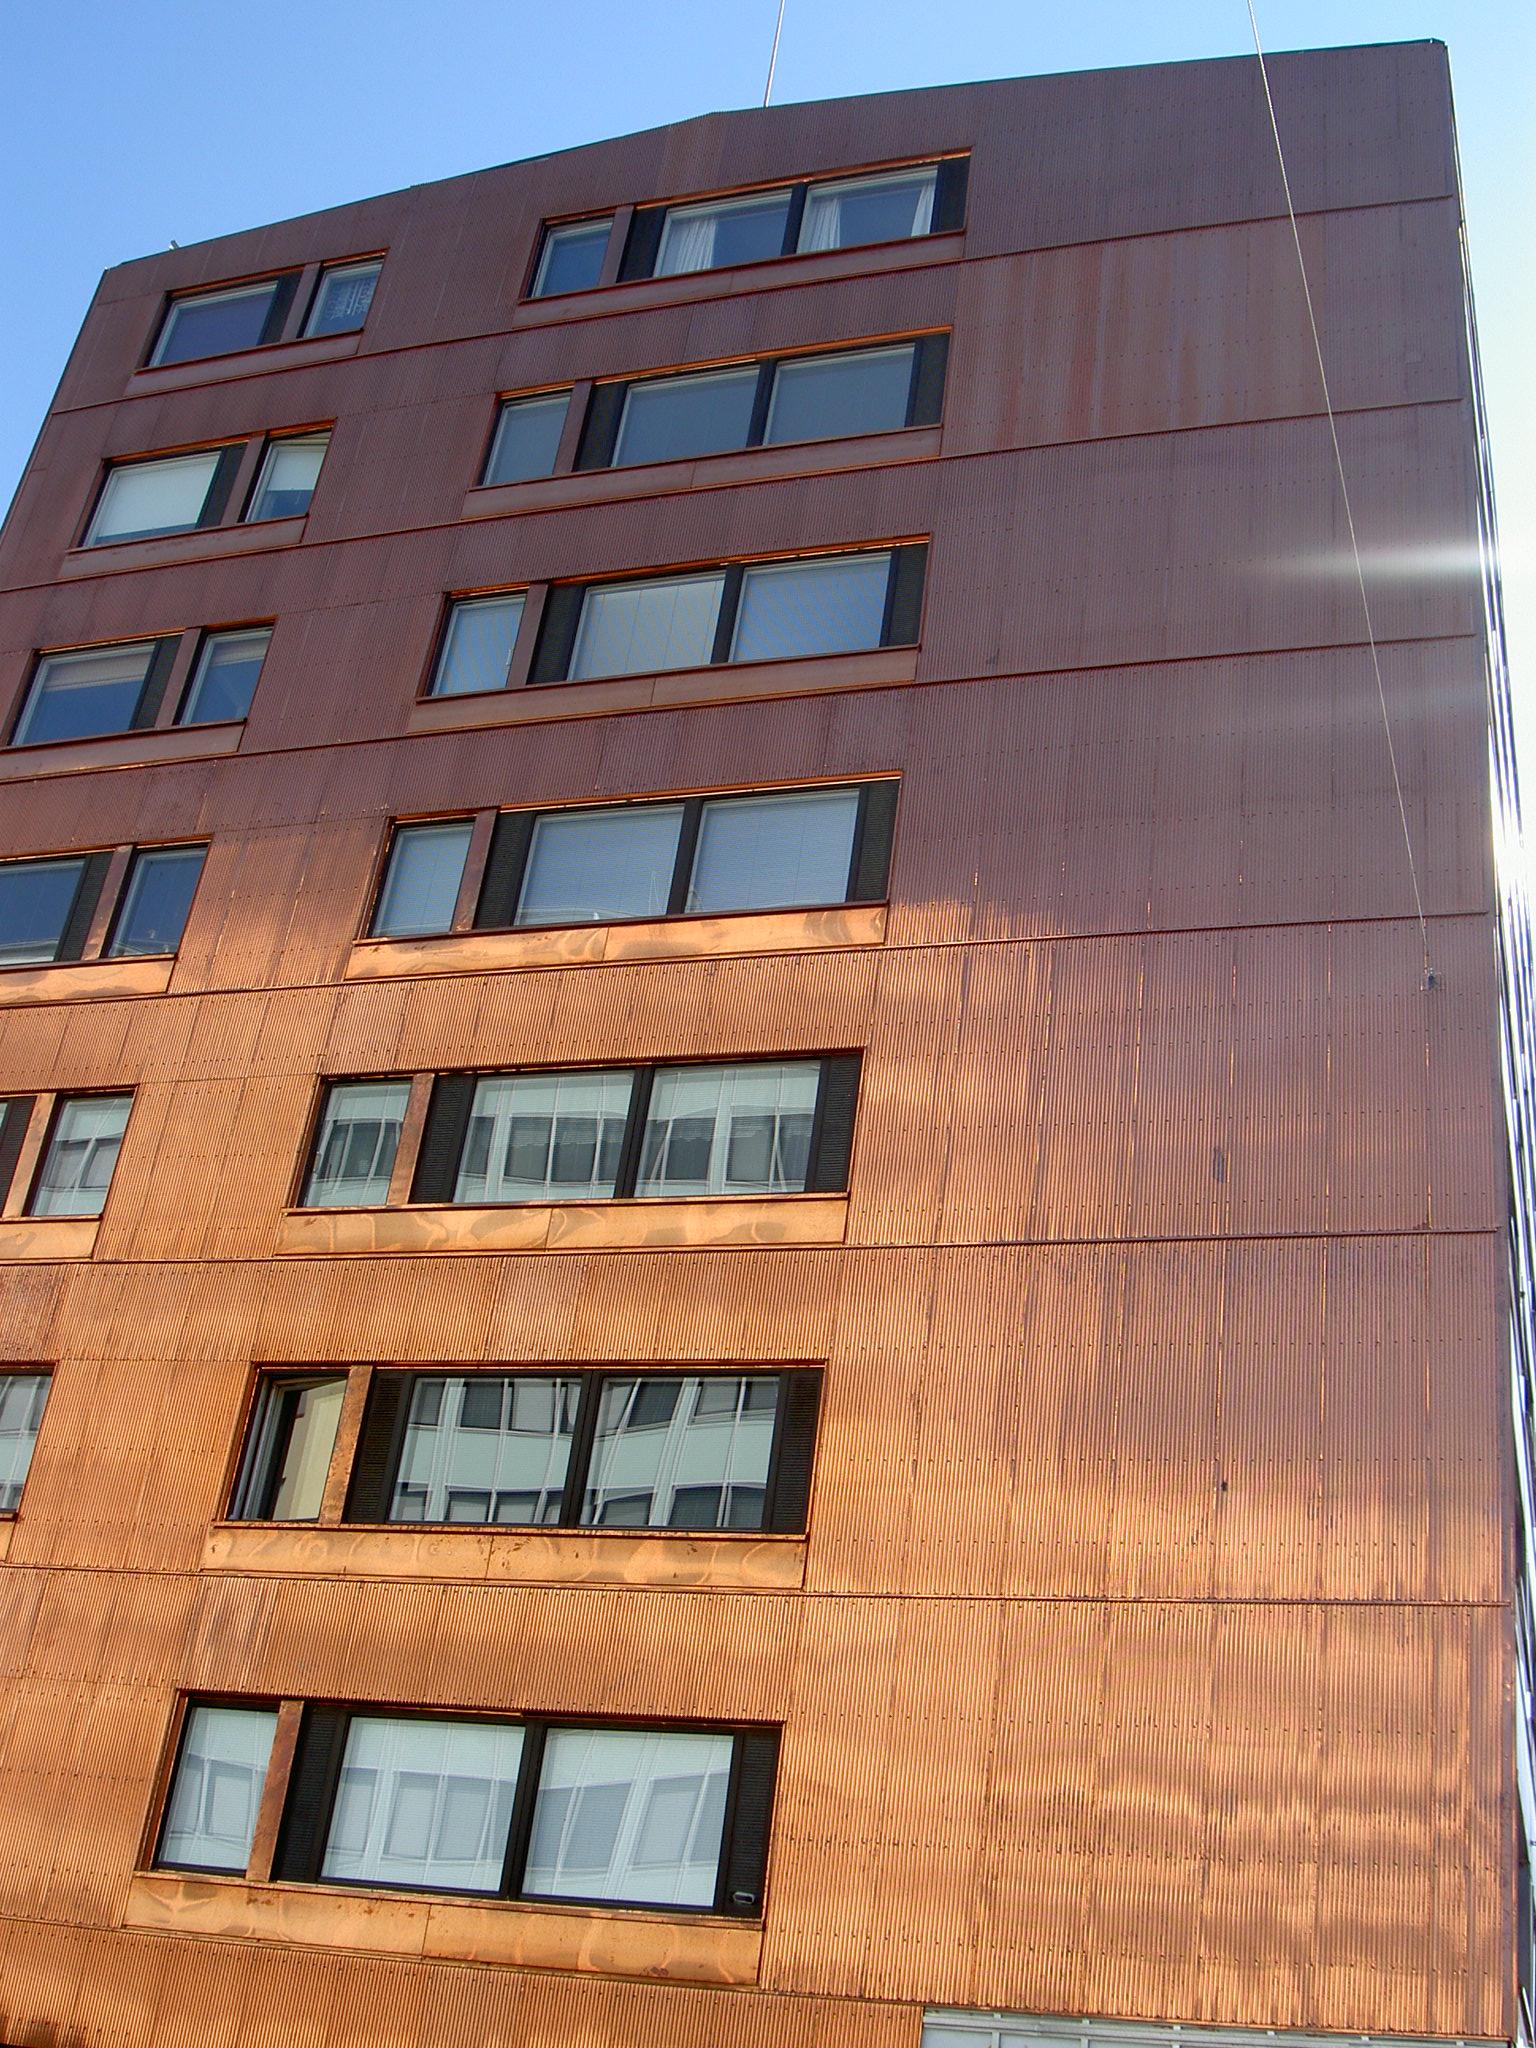 Panouri arhitecturale din cupru AURUBIS - Poza 105